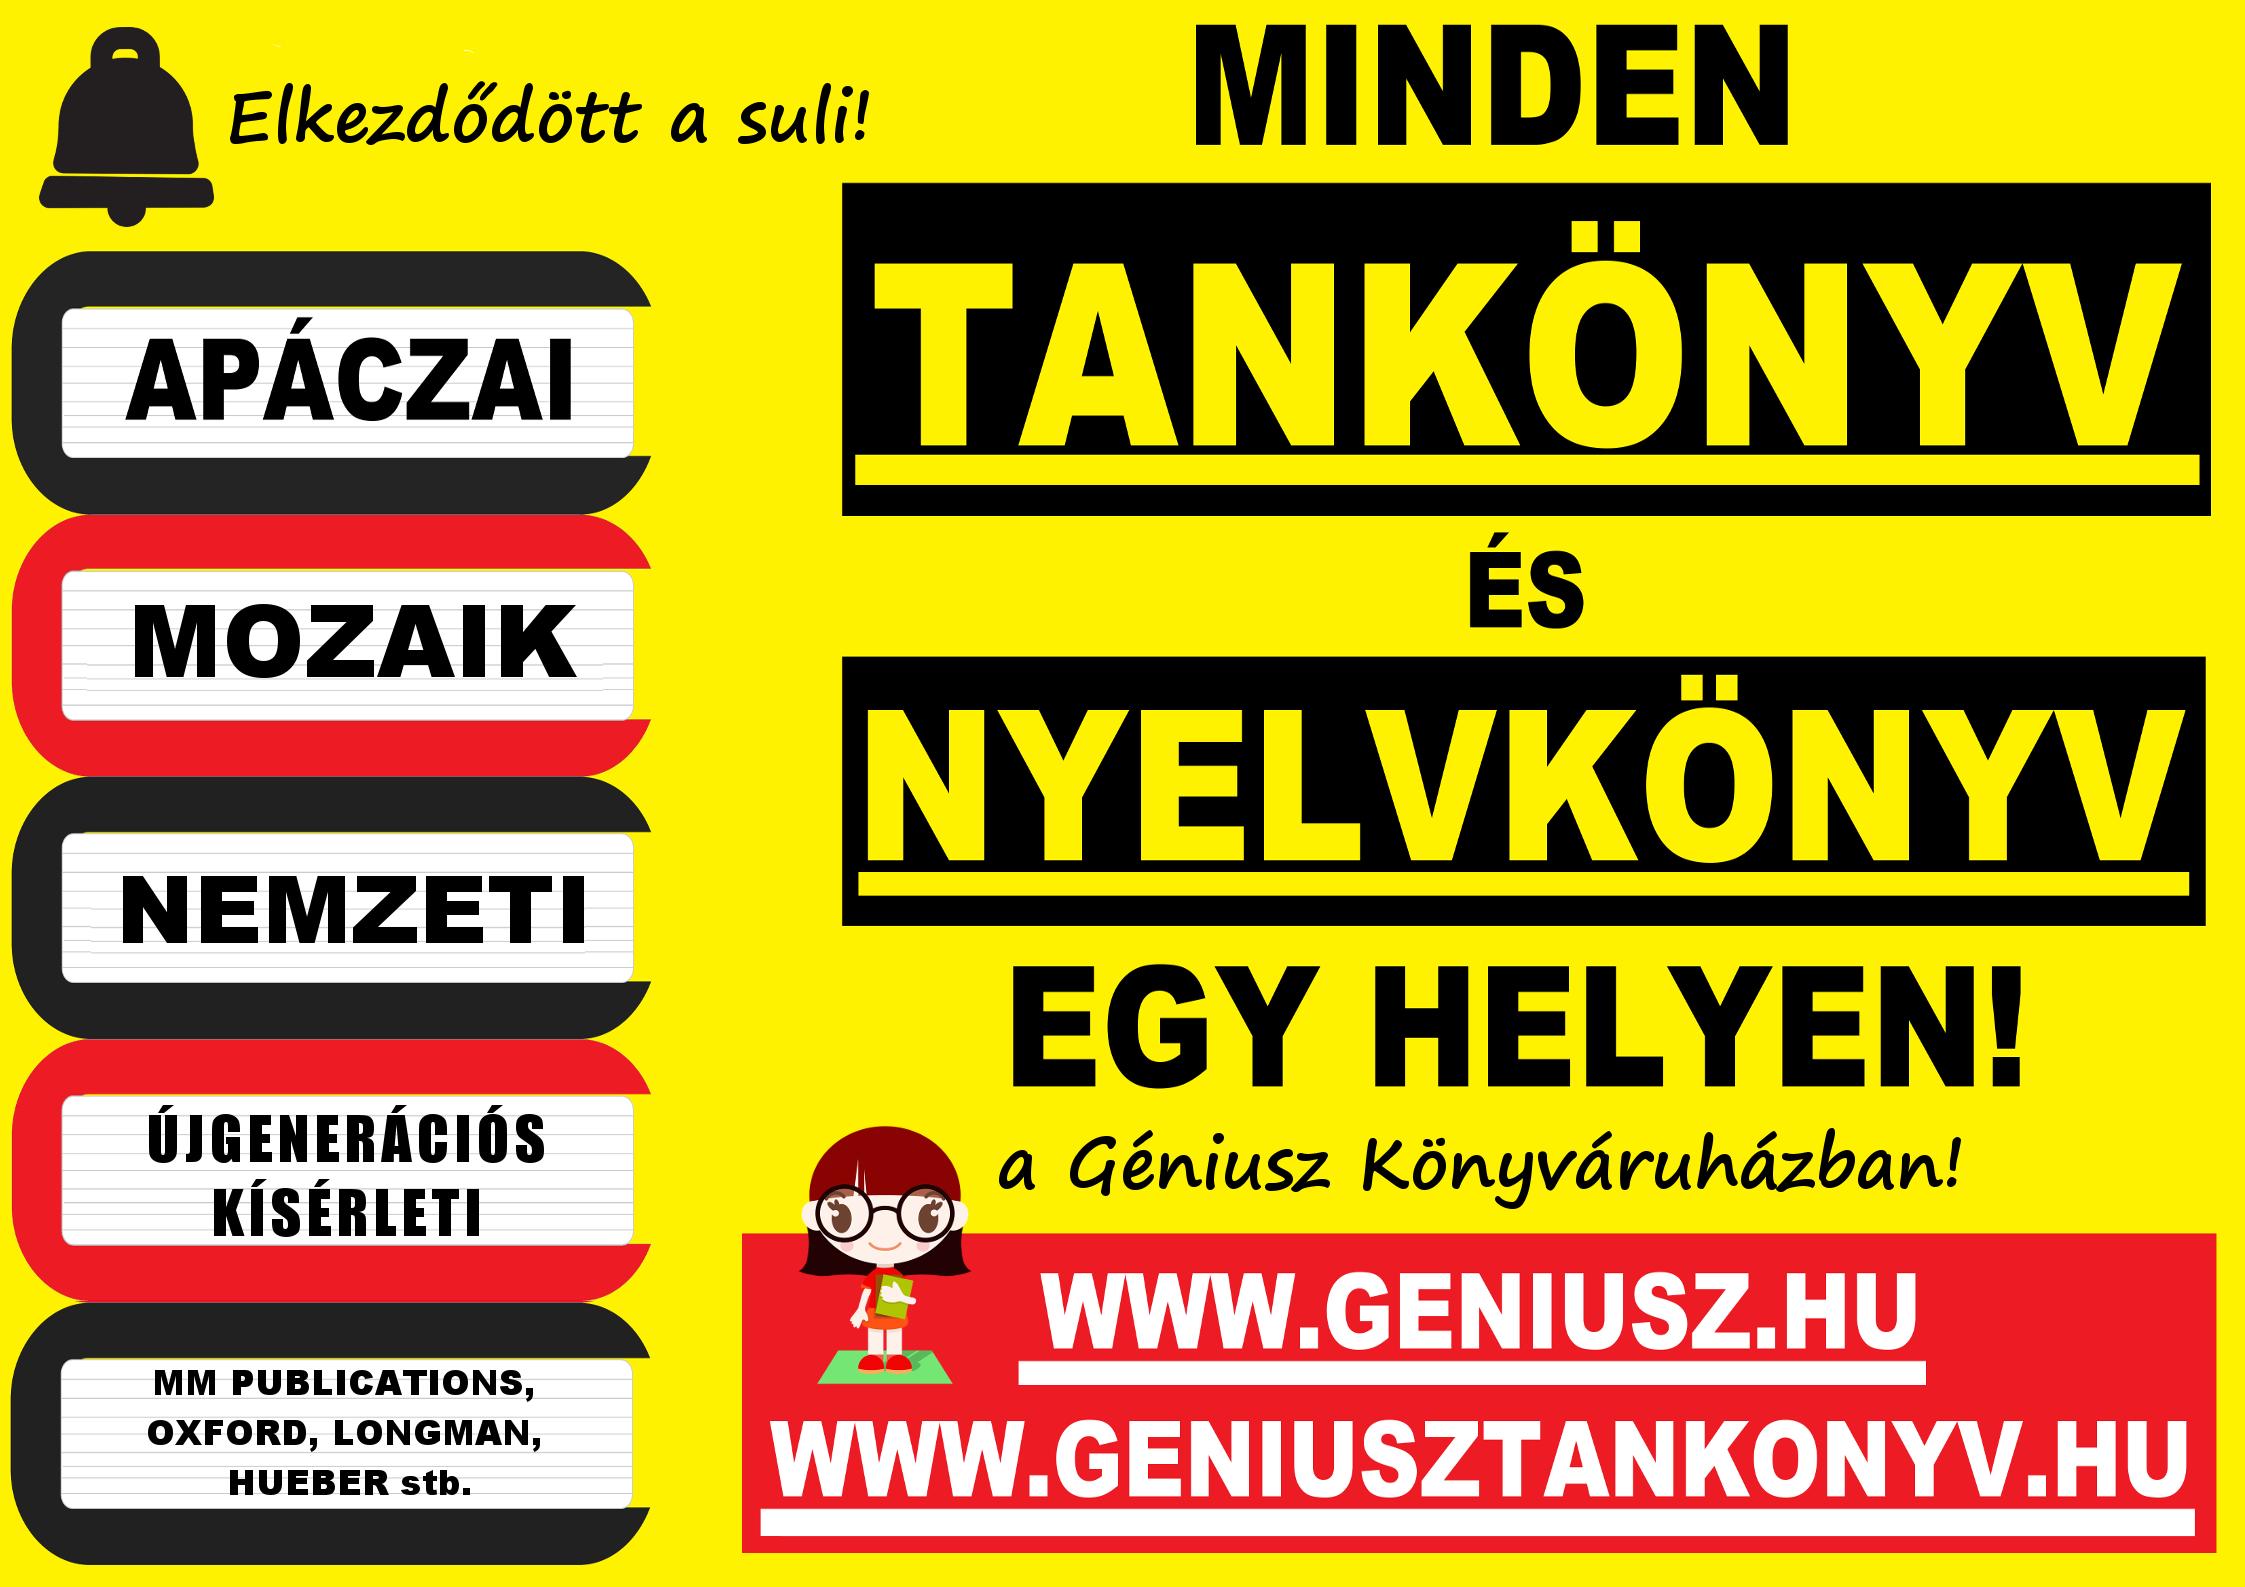 tankonyv-2017-kisboltok-plakat-a2-meret.png